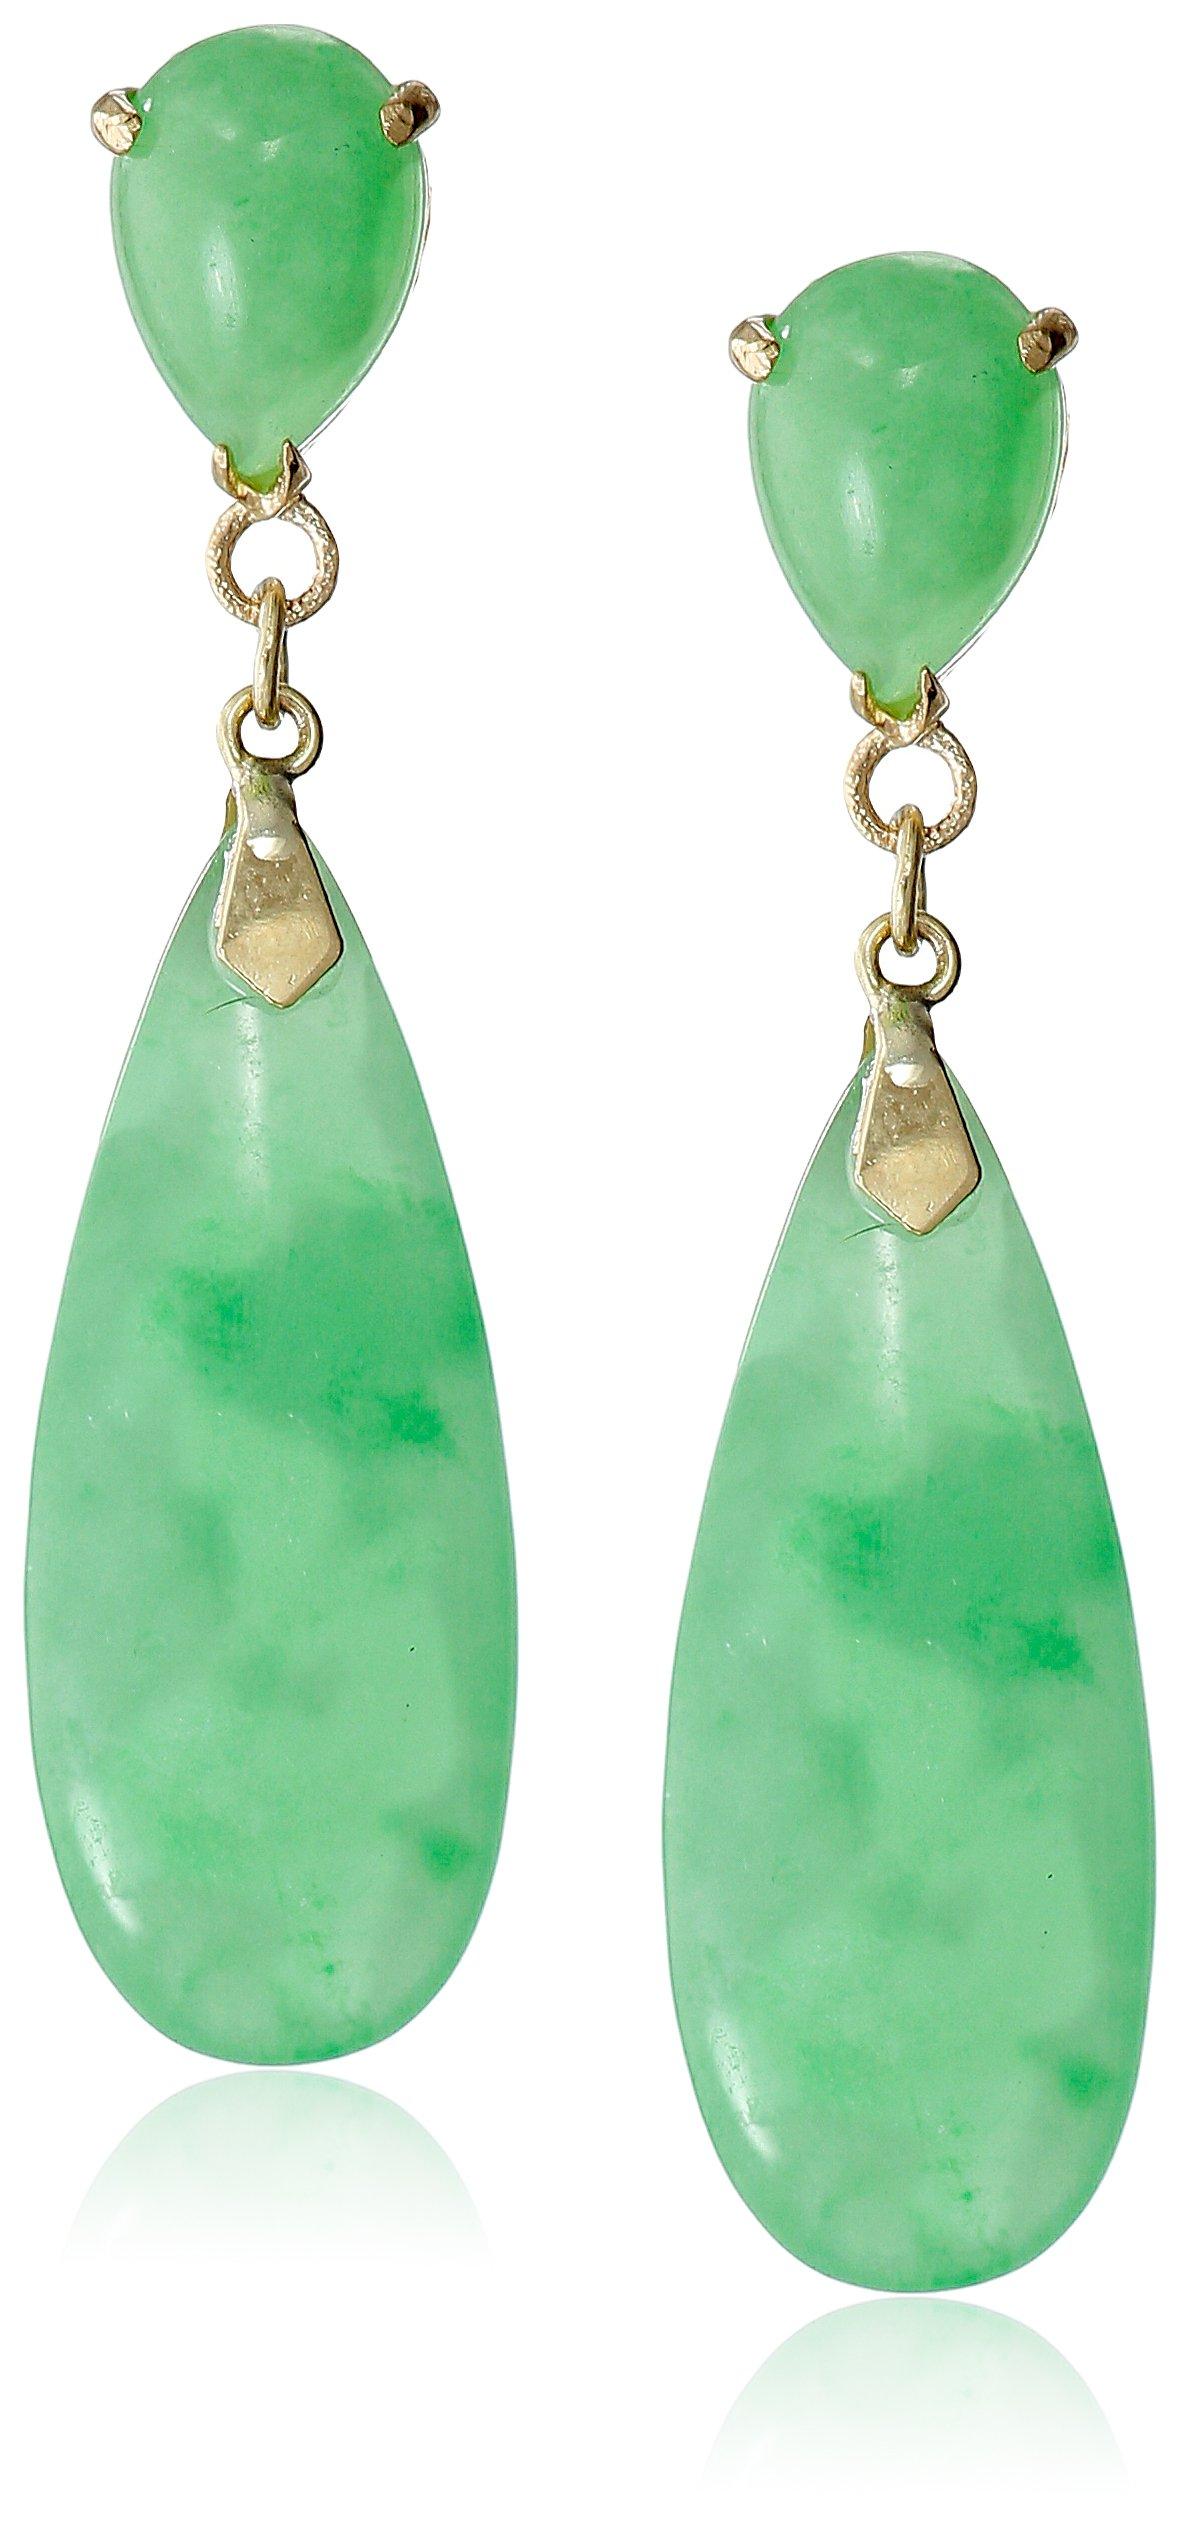 14k Yellow Gold Green Jade Teardrop Earrings